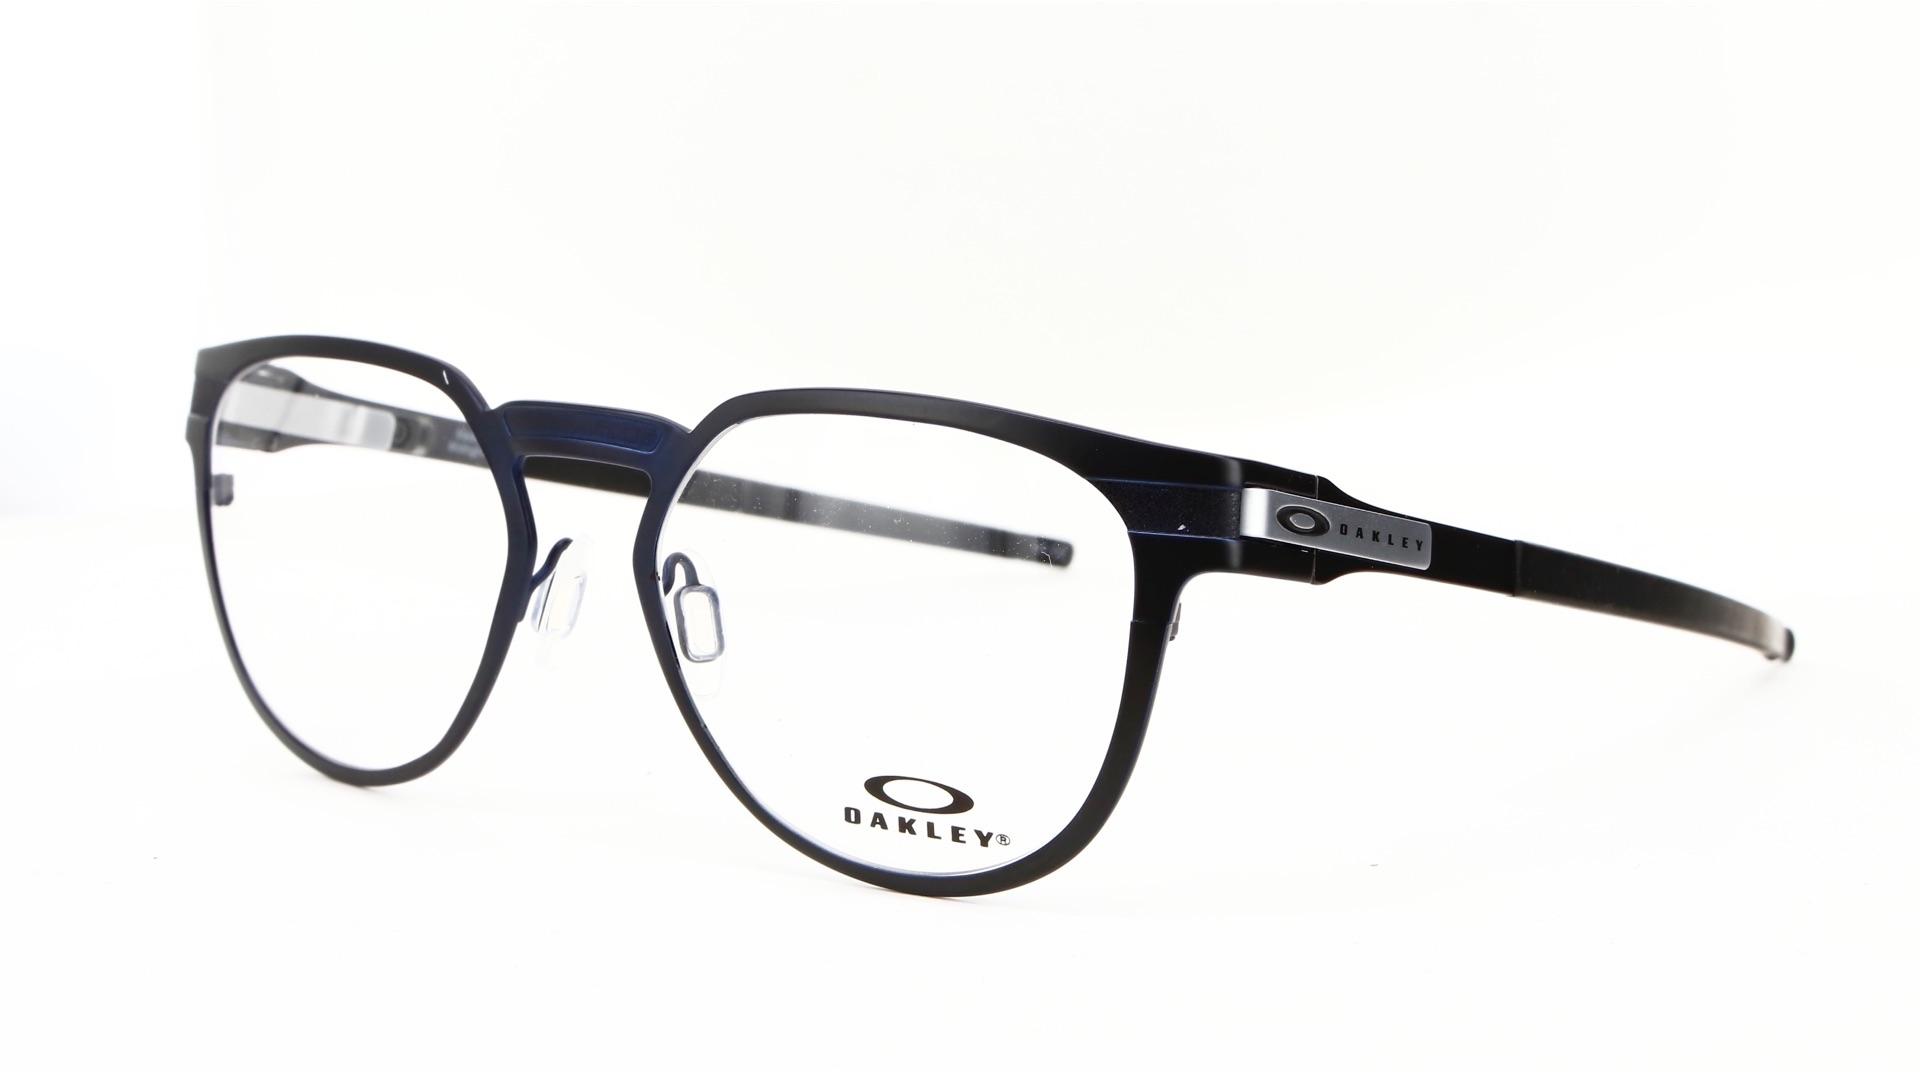 Oakley - ref: 80736